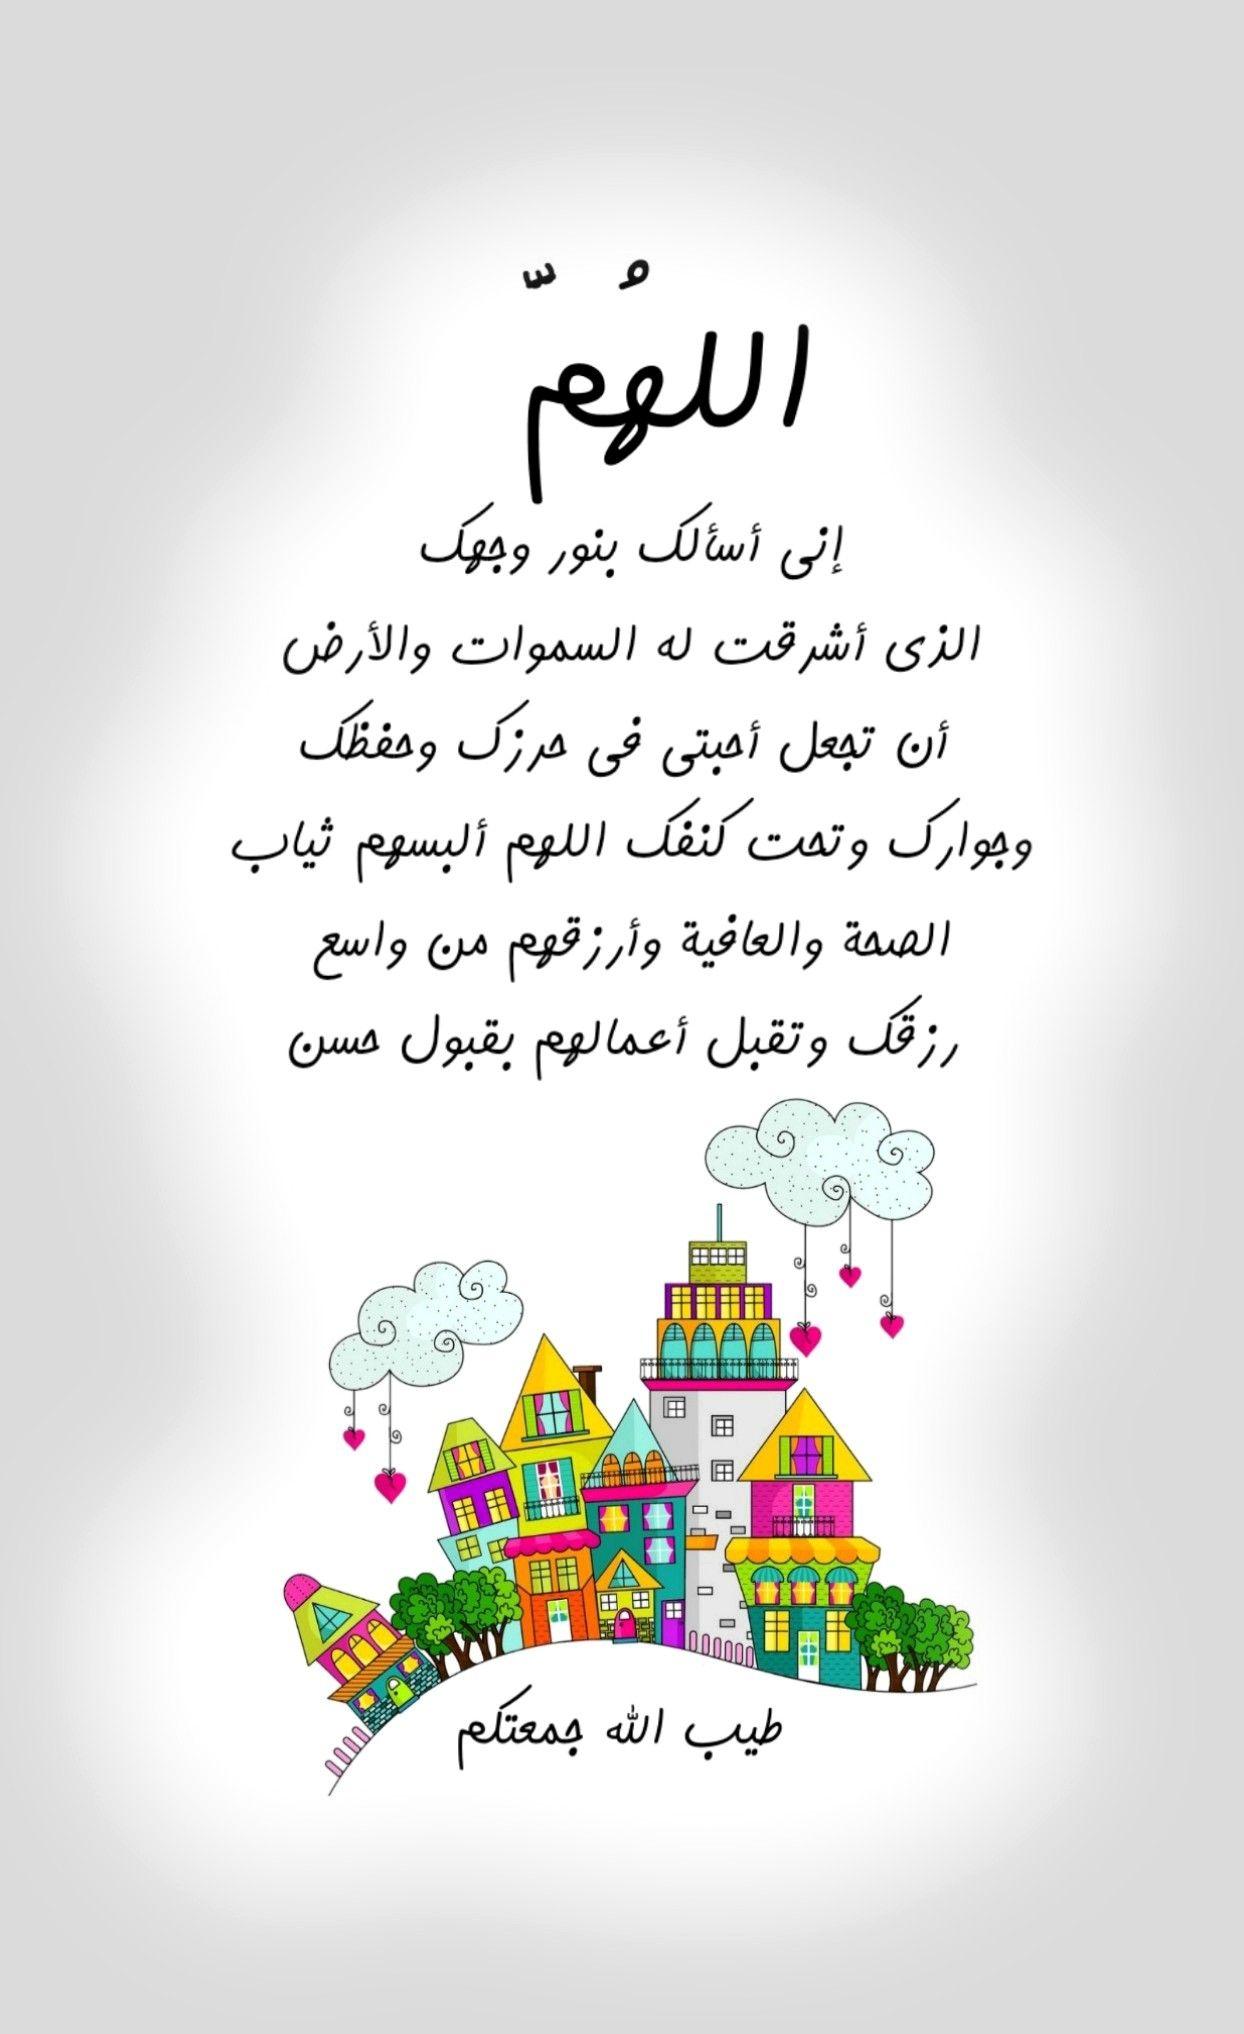 الله م إني أسألك بنور وجهك الذي أشرقت له السموات والأرض أن تجعل أحبتي في حرزك وحفظك و Morning Greetings Quotes Good Morning Arabic Good Morning Greetings